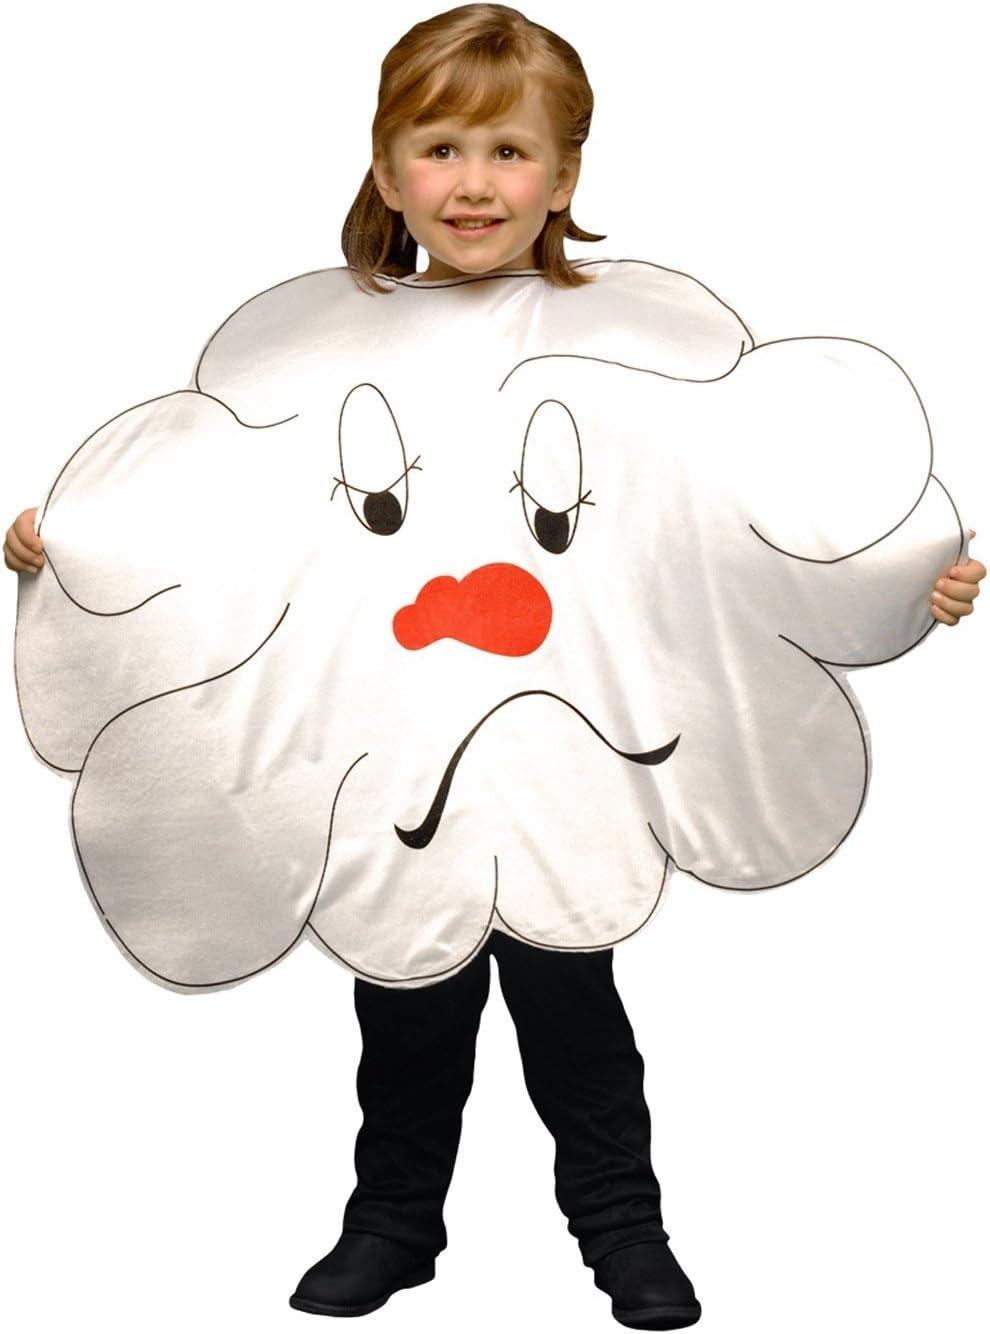 Disfraz de Nube para niños de 5 a 6 años: Amazon.es: Juguetes y juegos